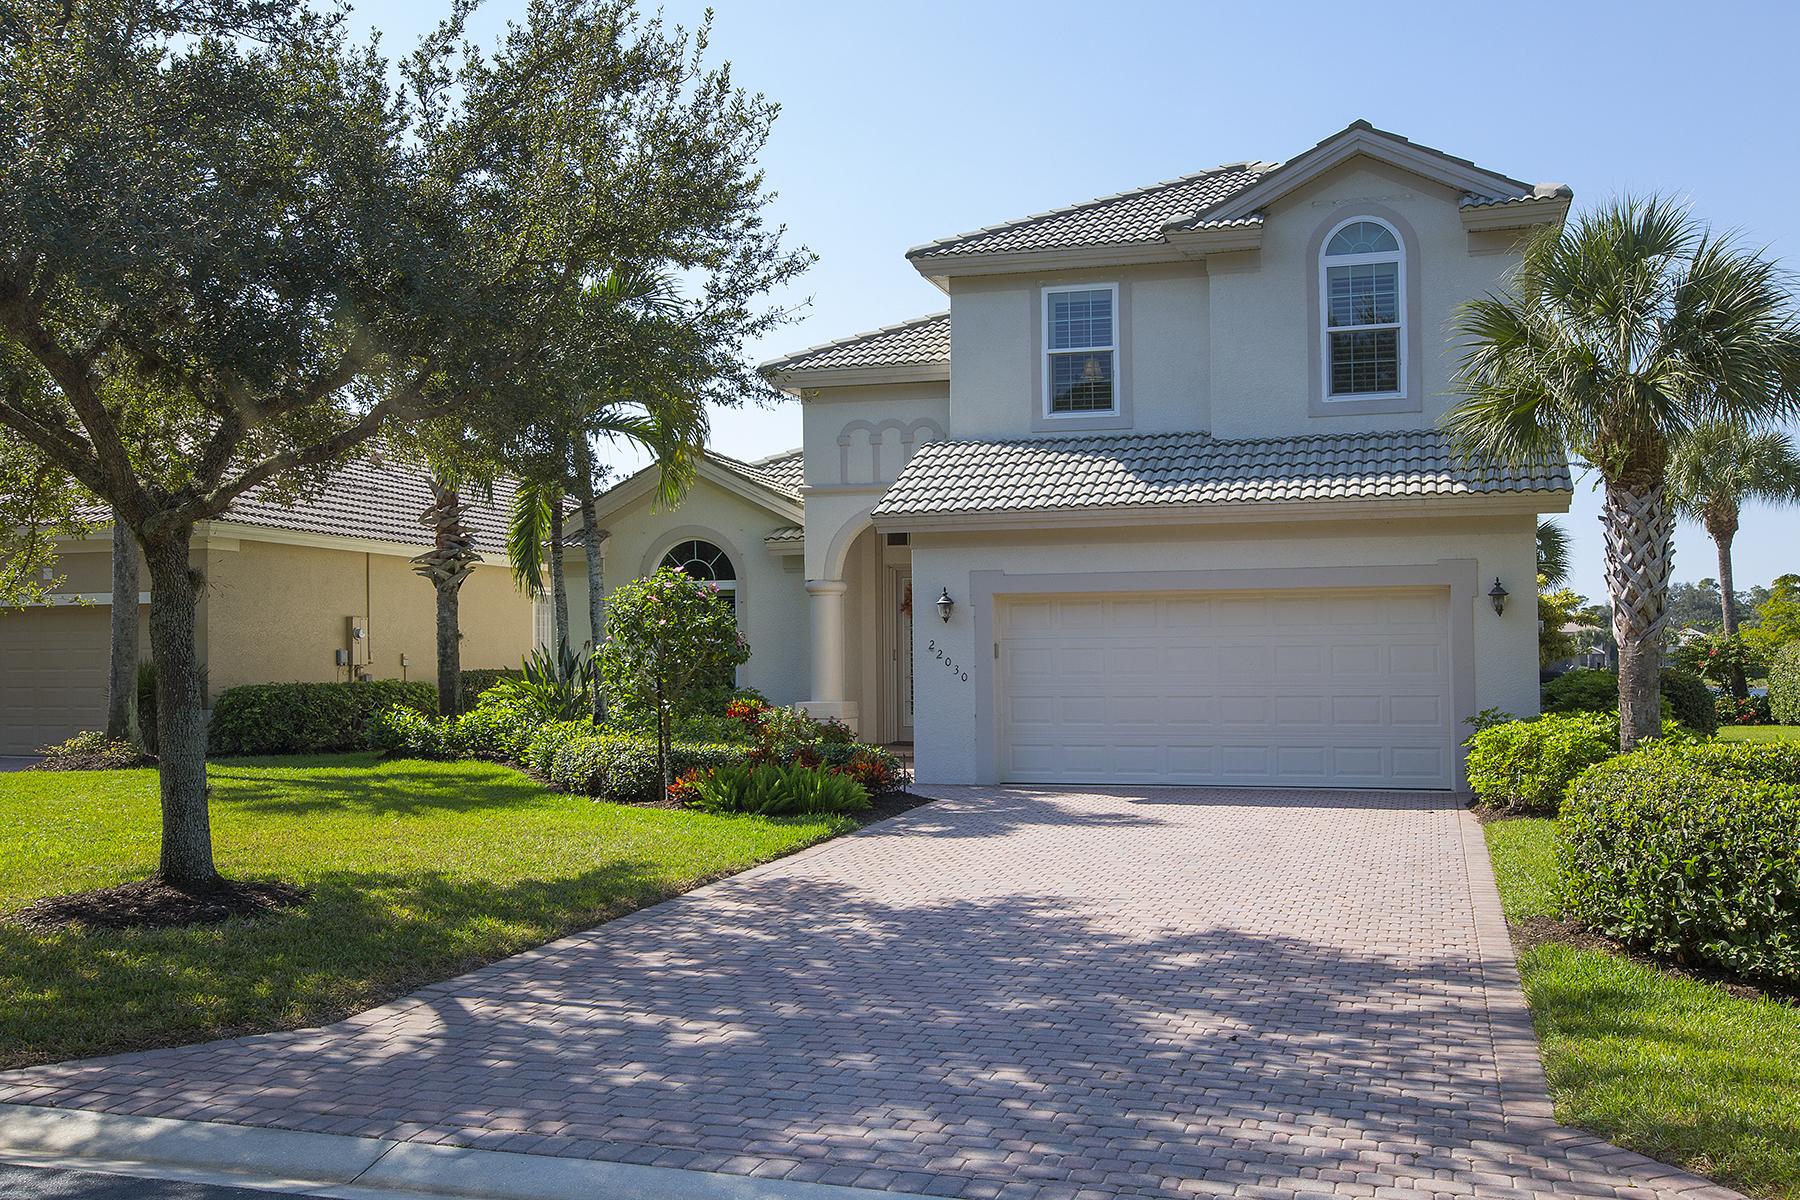 Nhà ở một gia đình vì Bán tại LONGLEAF - SHADOW WOOD AT THE BROOKS 22030 Longleaf Trail Dr Estero, Florida, 34135 Hoa Kỳ